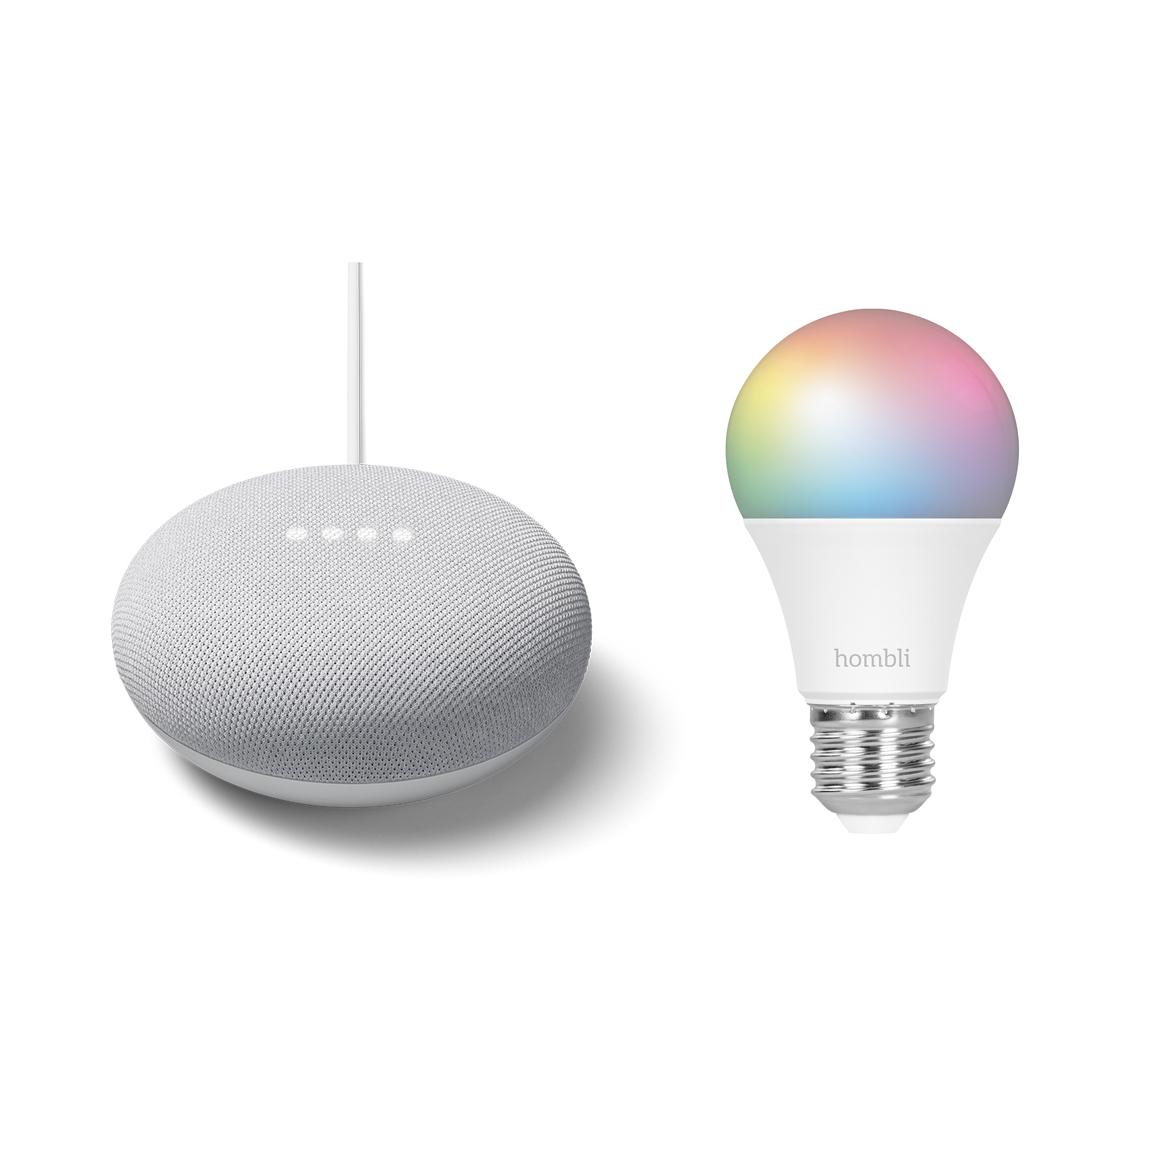 Google Nest Mini + Hombli Smart Bulb E27 Color Lampe